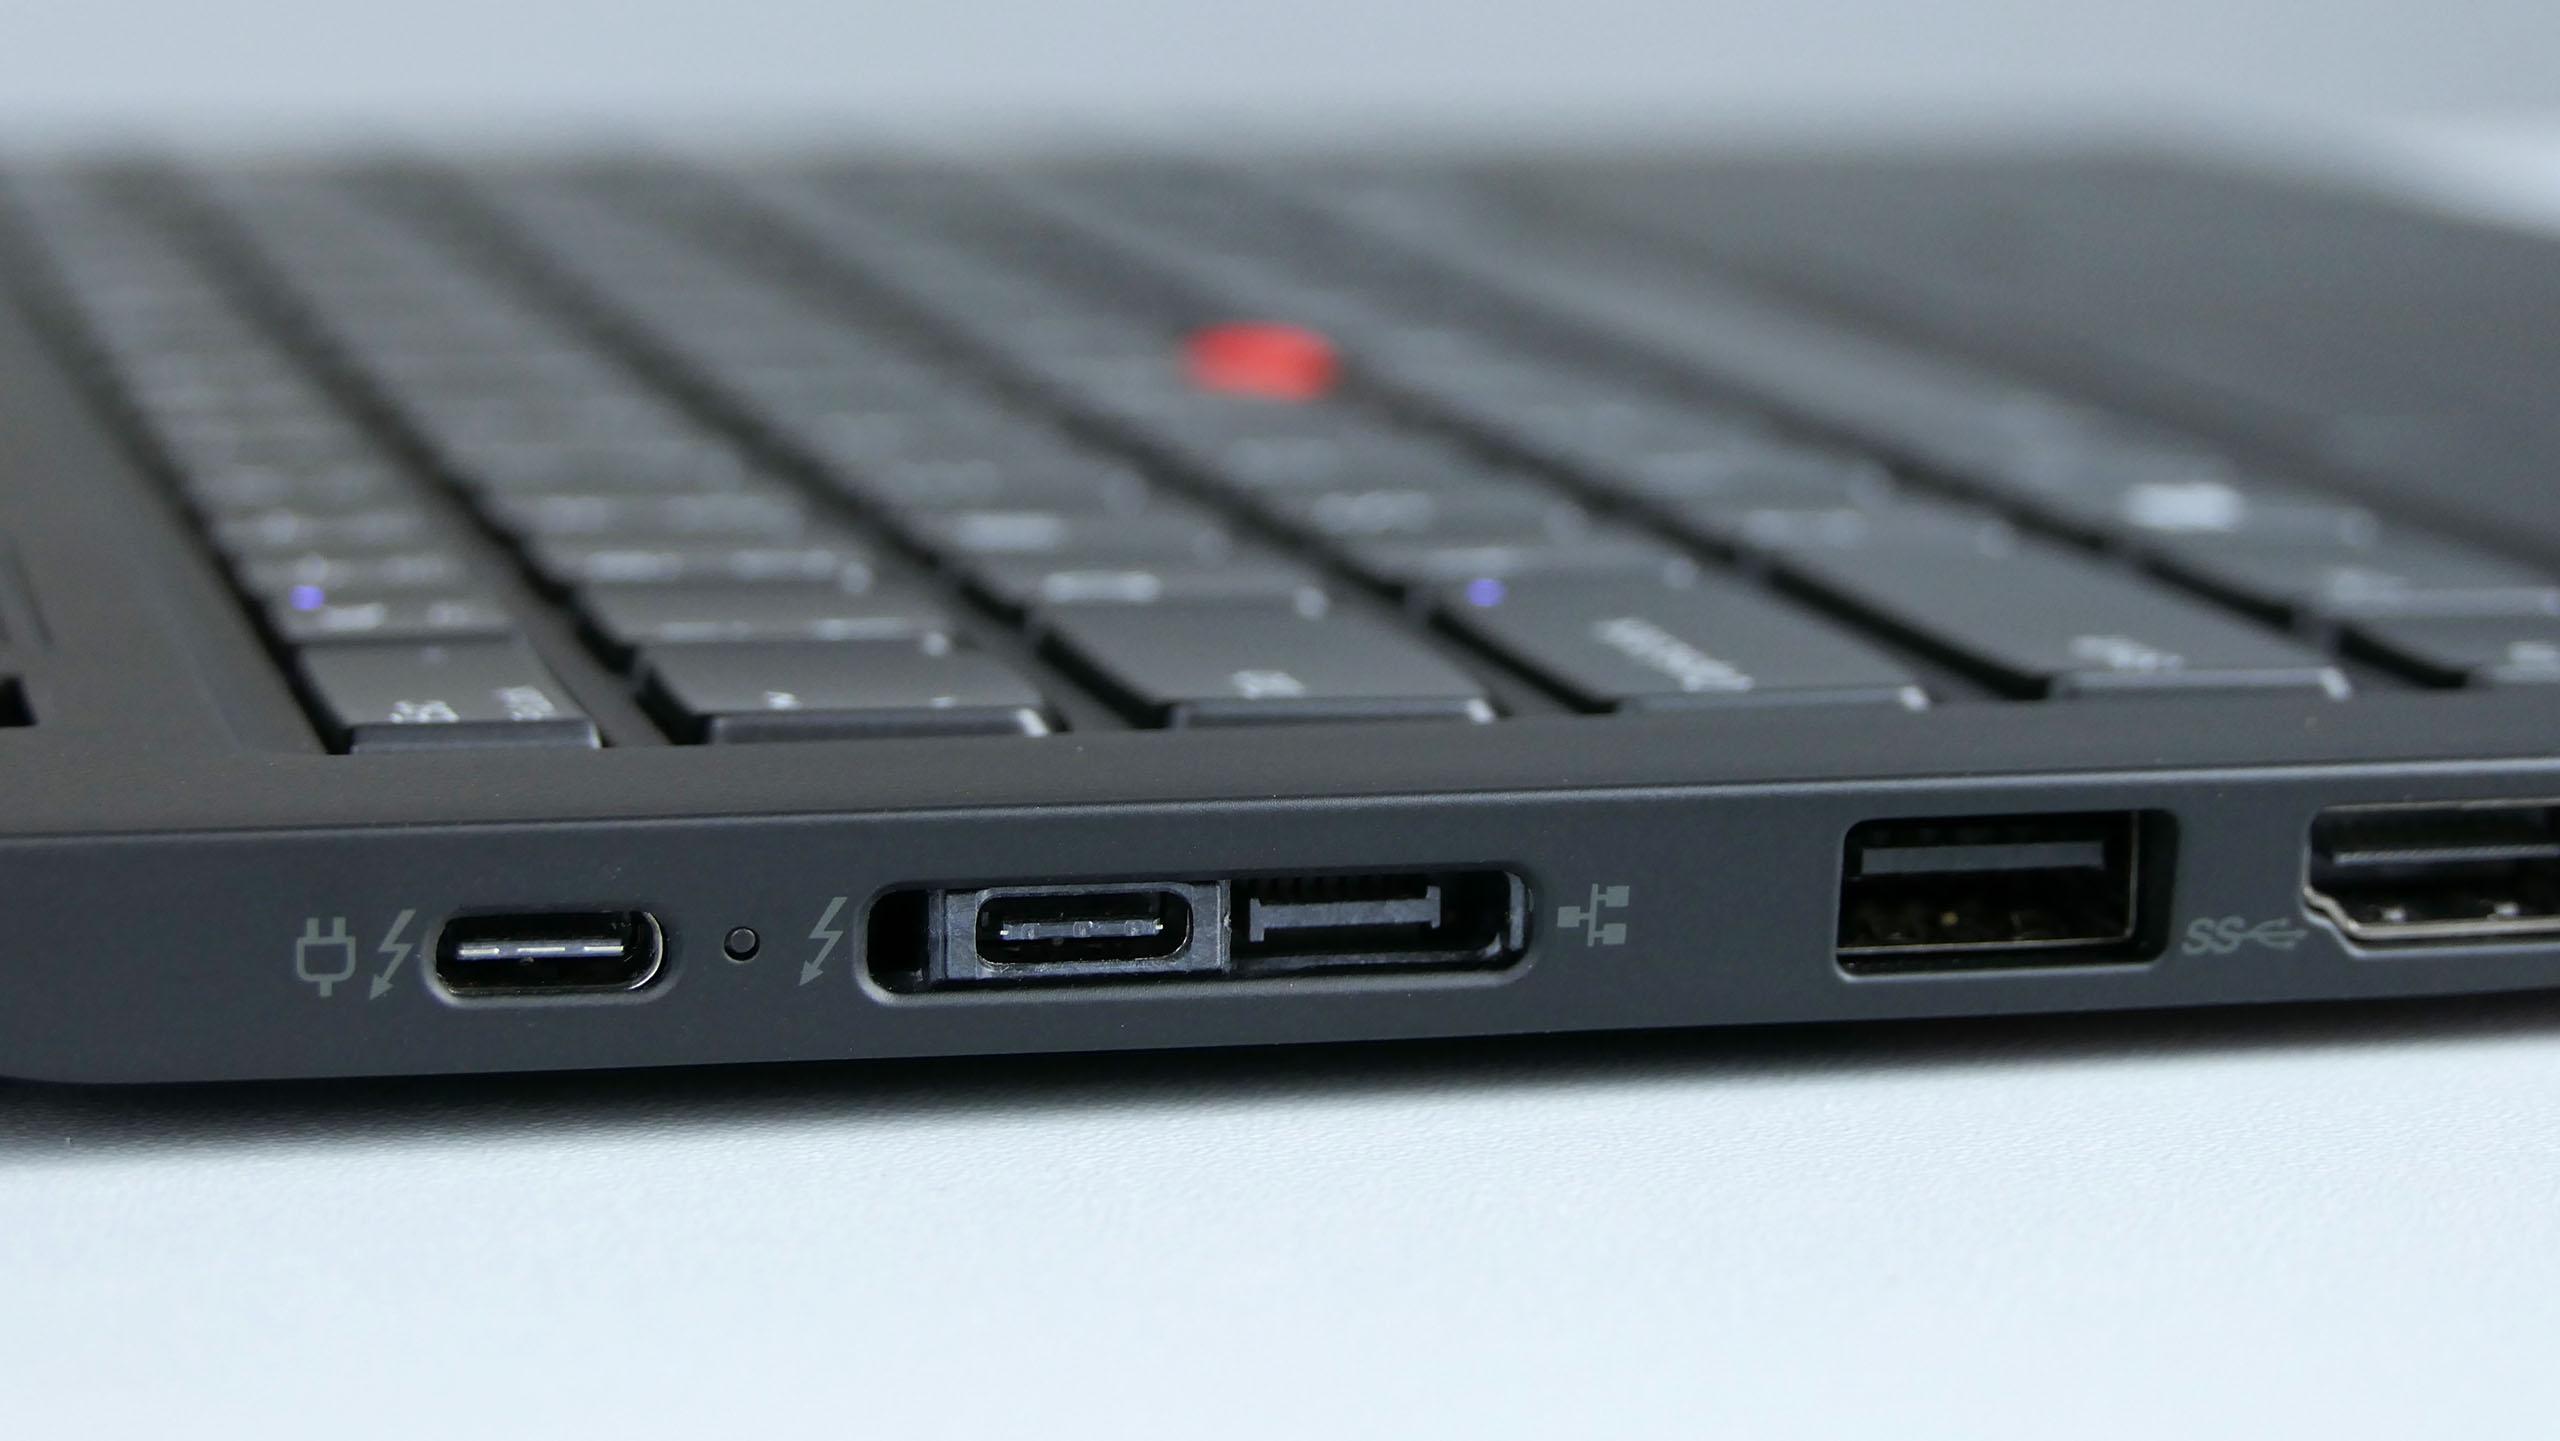 Lenovo ThinkPad X1 Carbon 7th gen - porty zlewej strony